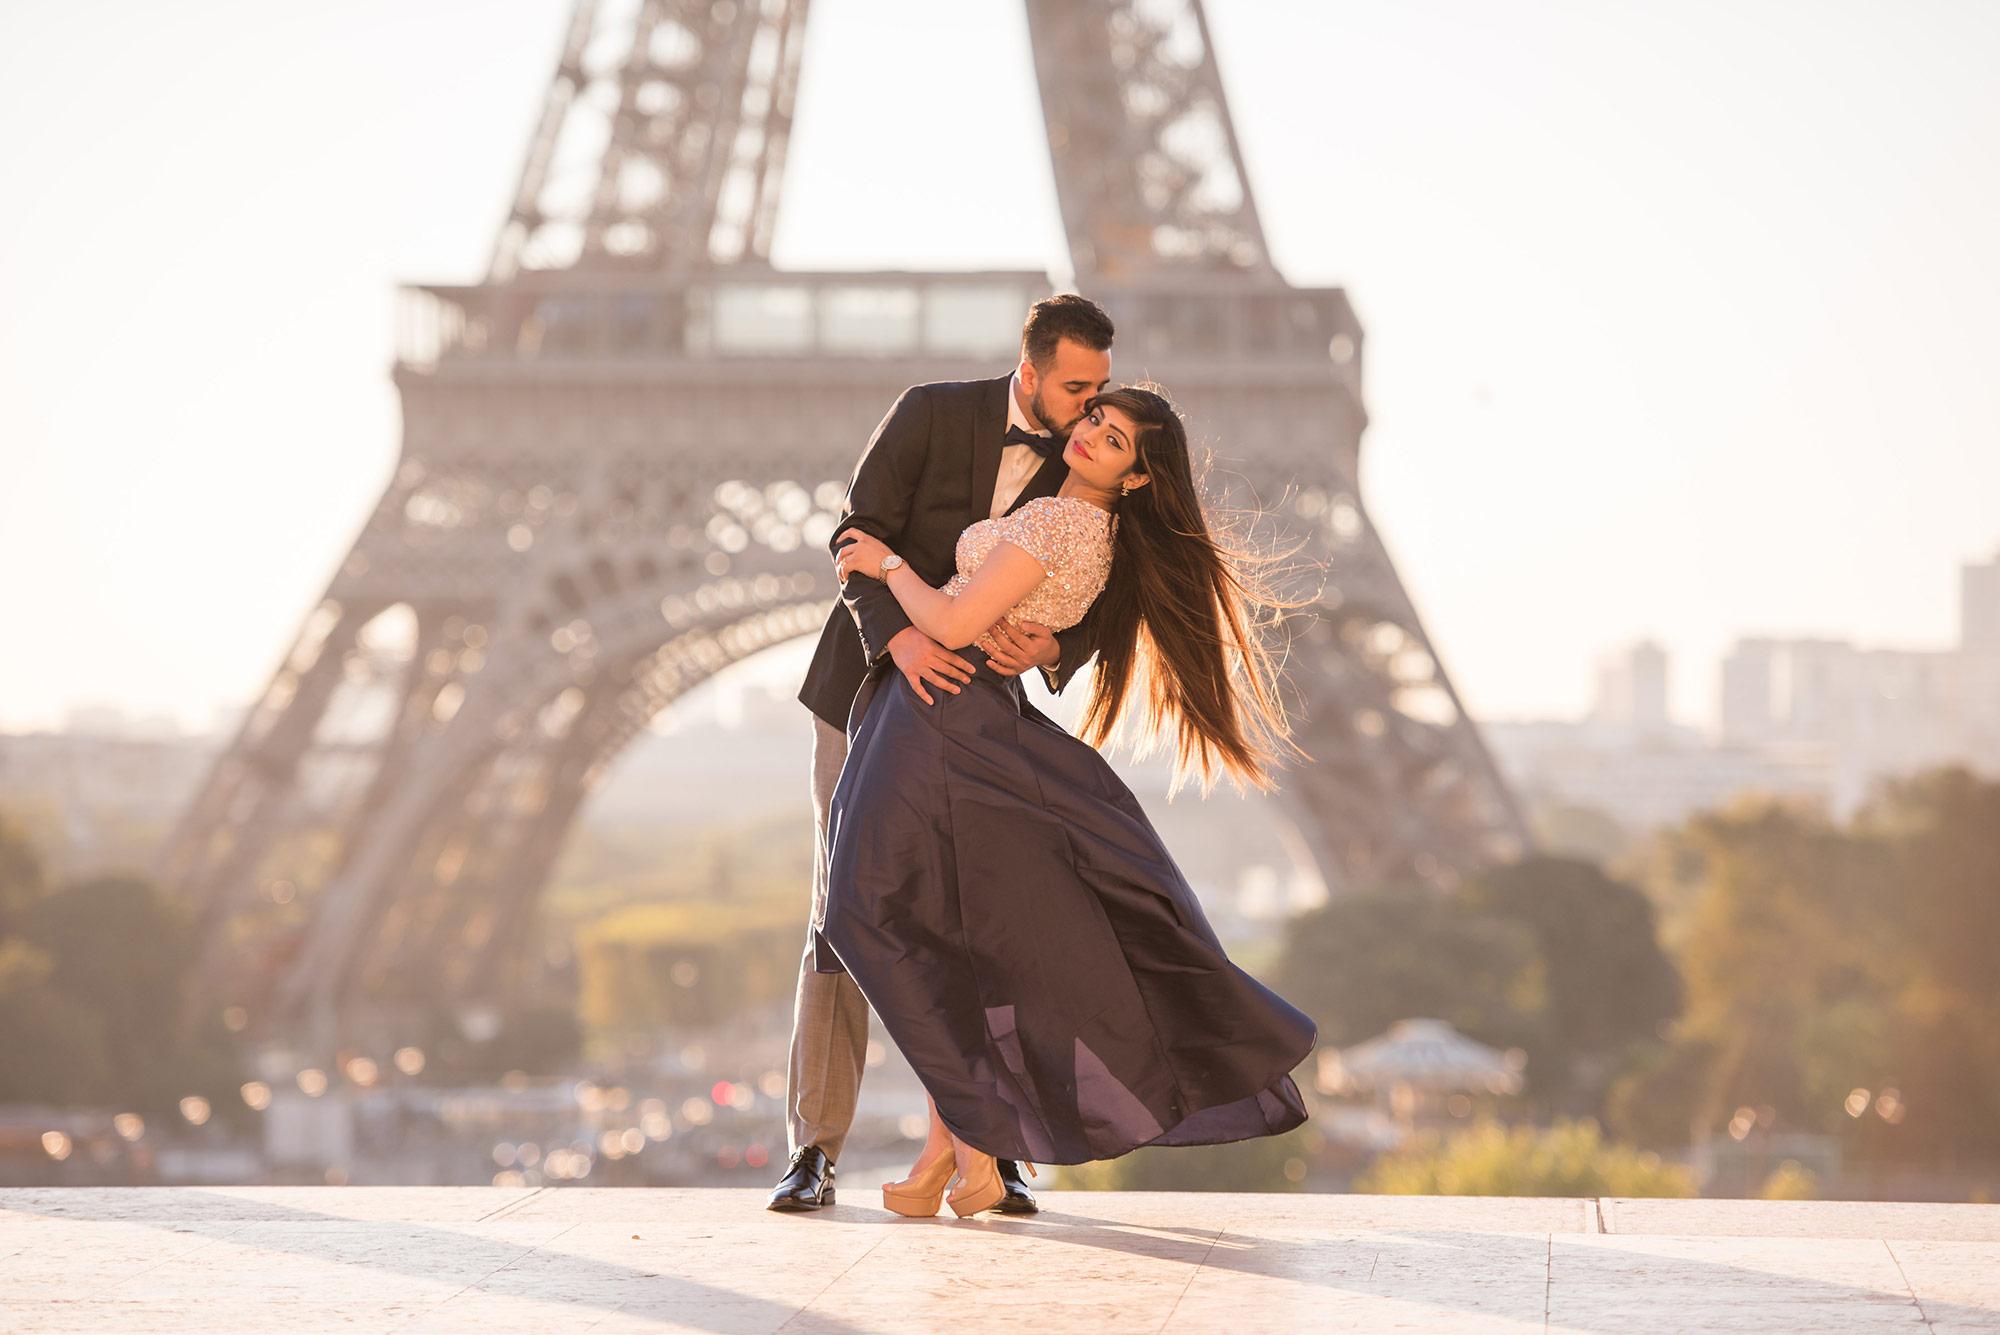 Paris Photo Session - Contact Pictours Paris Photography